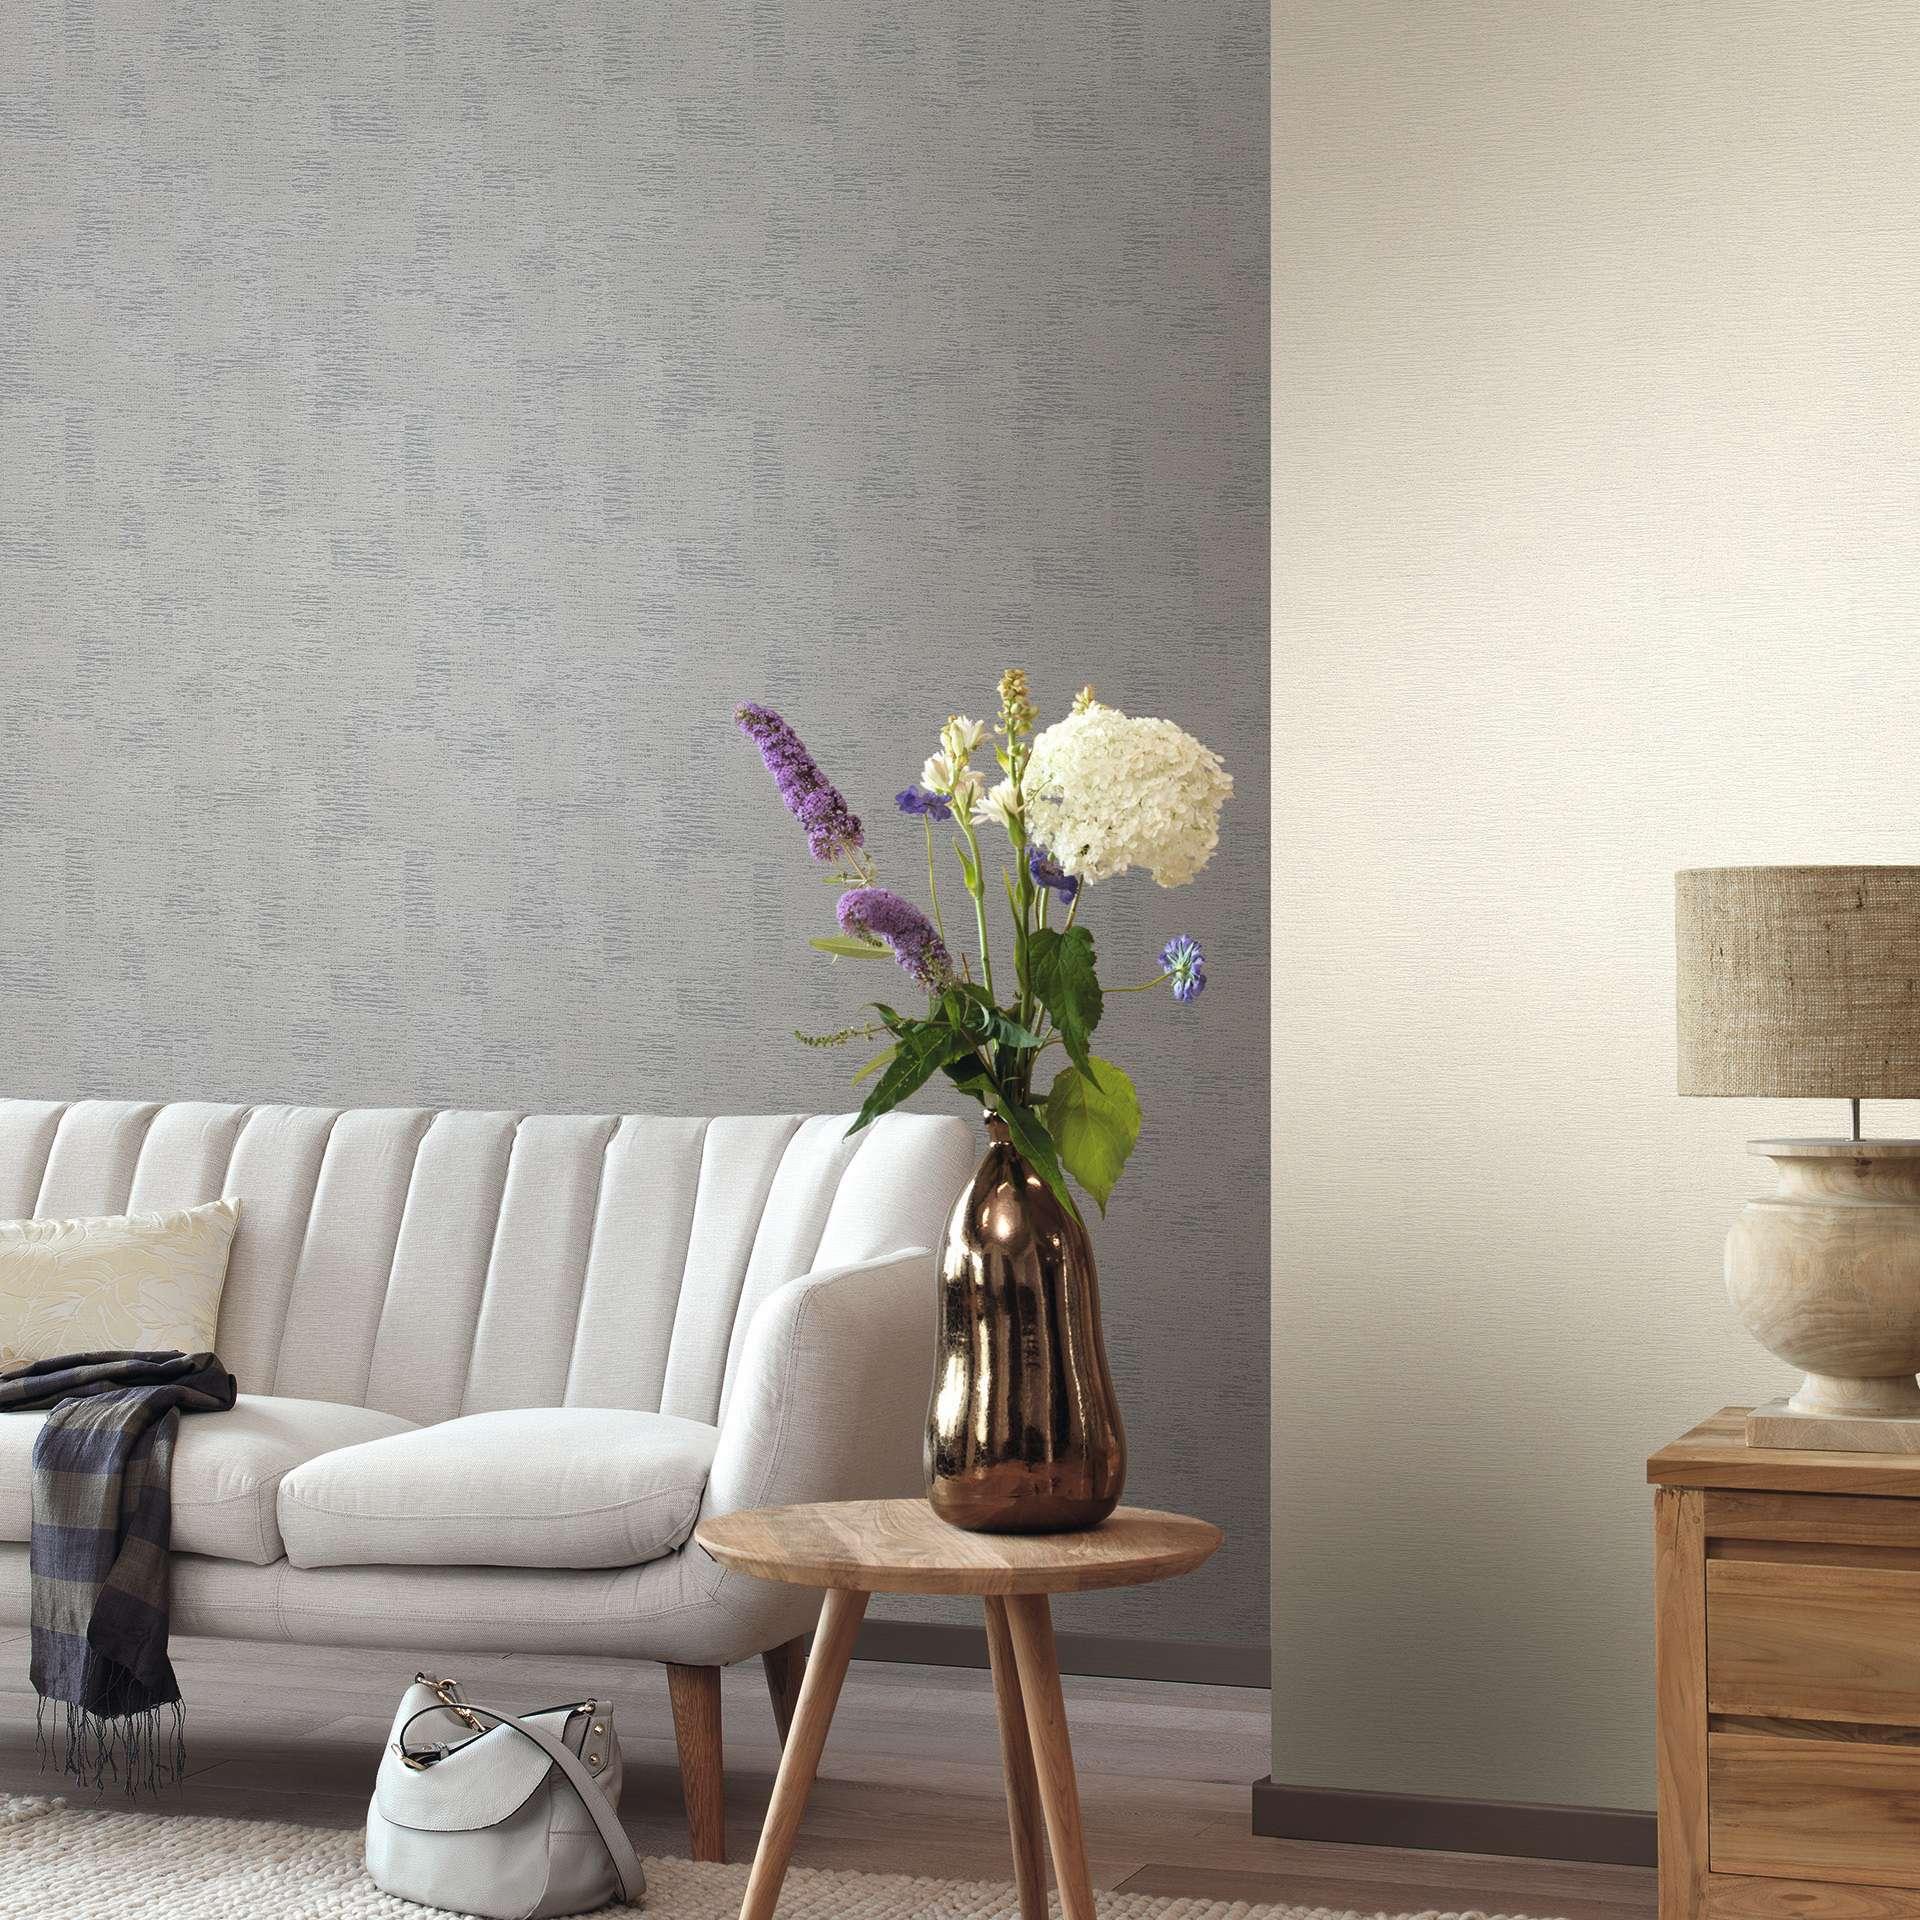 Papel pintado gris perla decoraciones stilo - Papel pintado gris ...